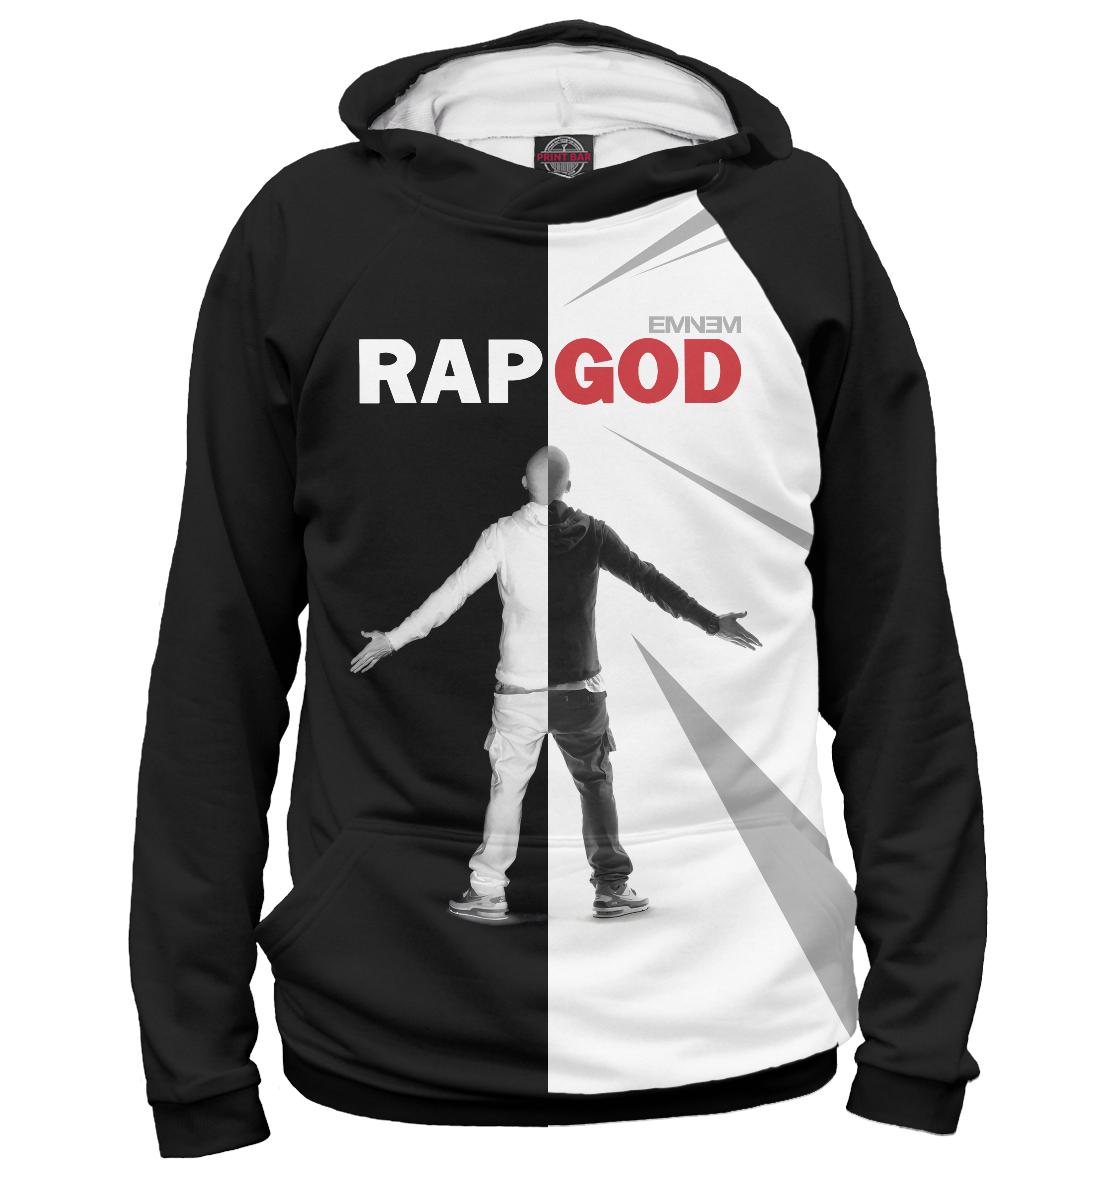 Rap God Eminem, Printbar, Худи, EMI-111334-hud-1  - купить со скидкой